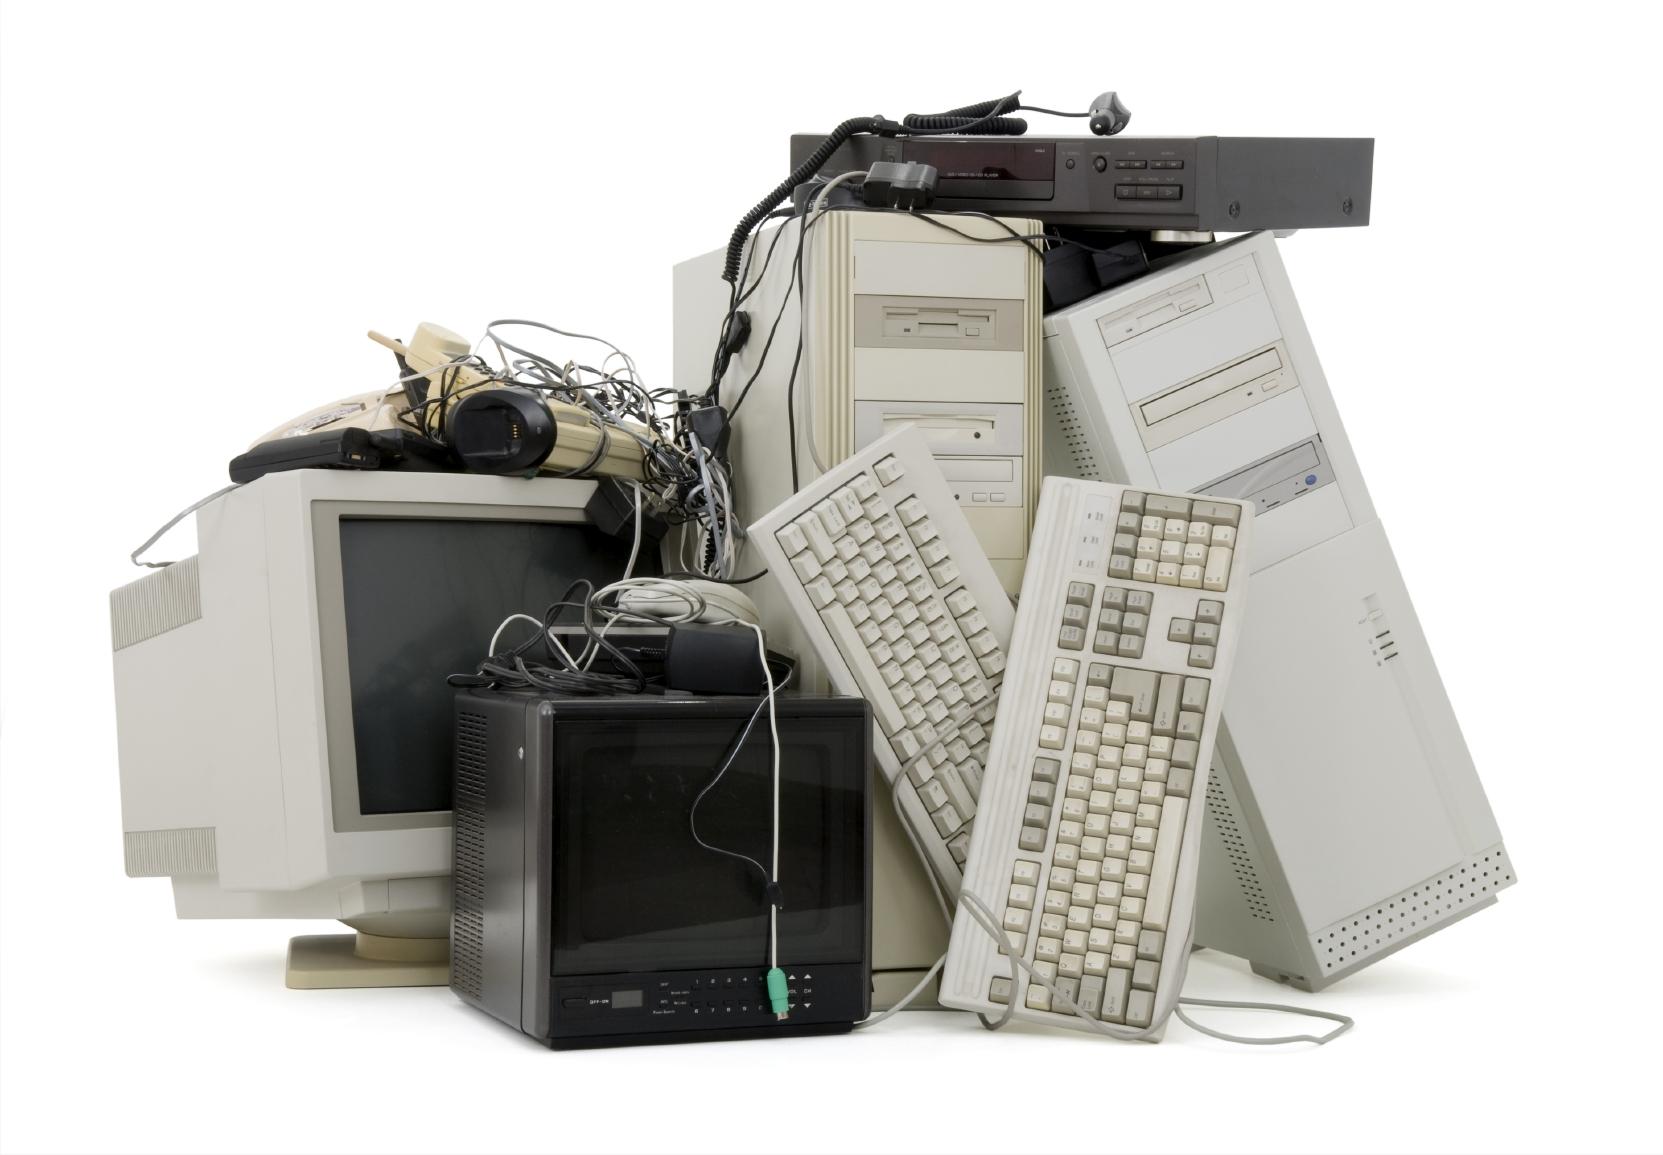 خریدار ضایعات کامپیوتر و ضایعات موبایل